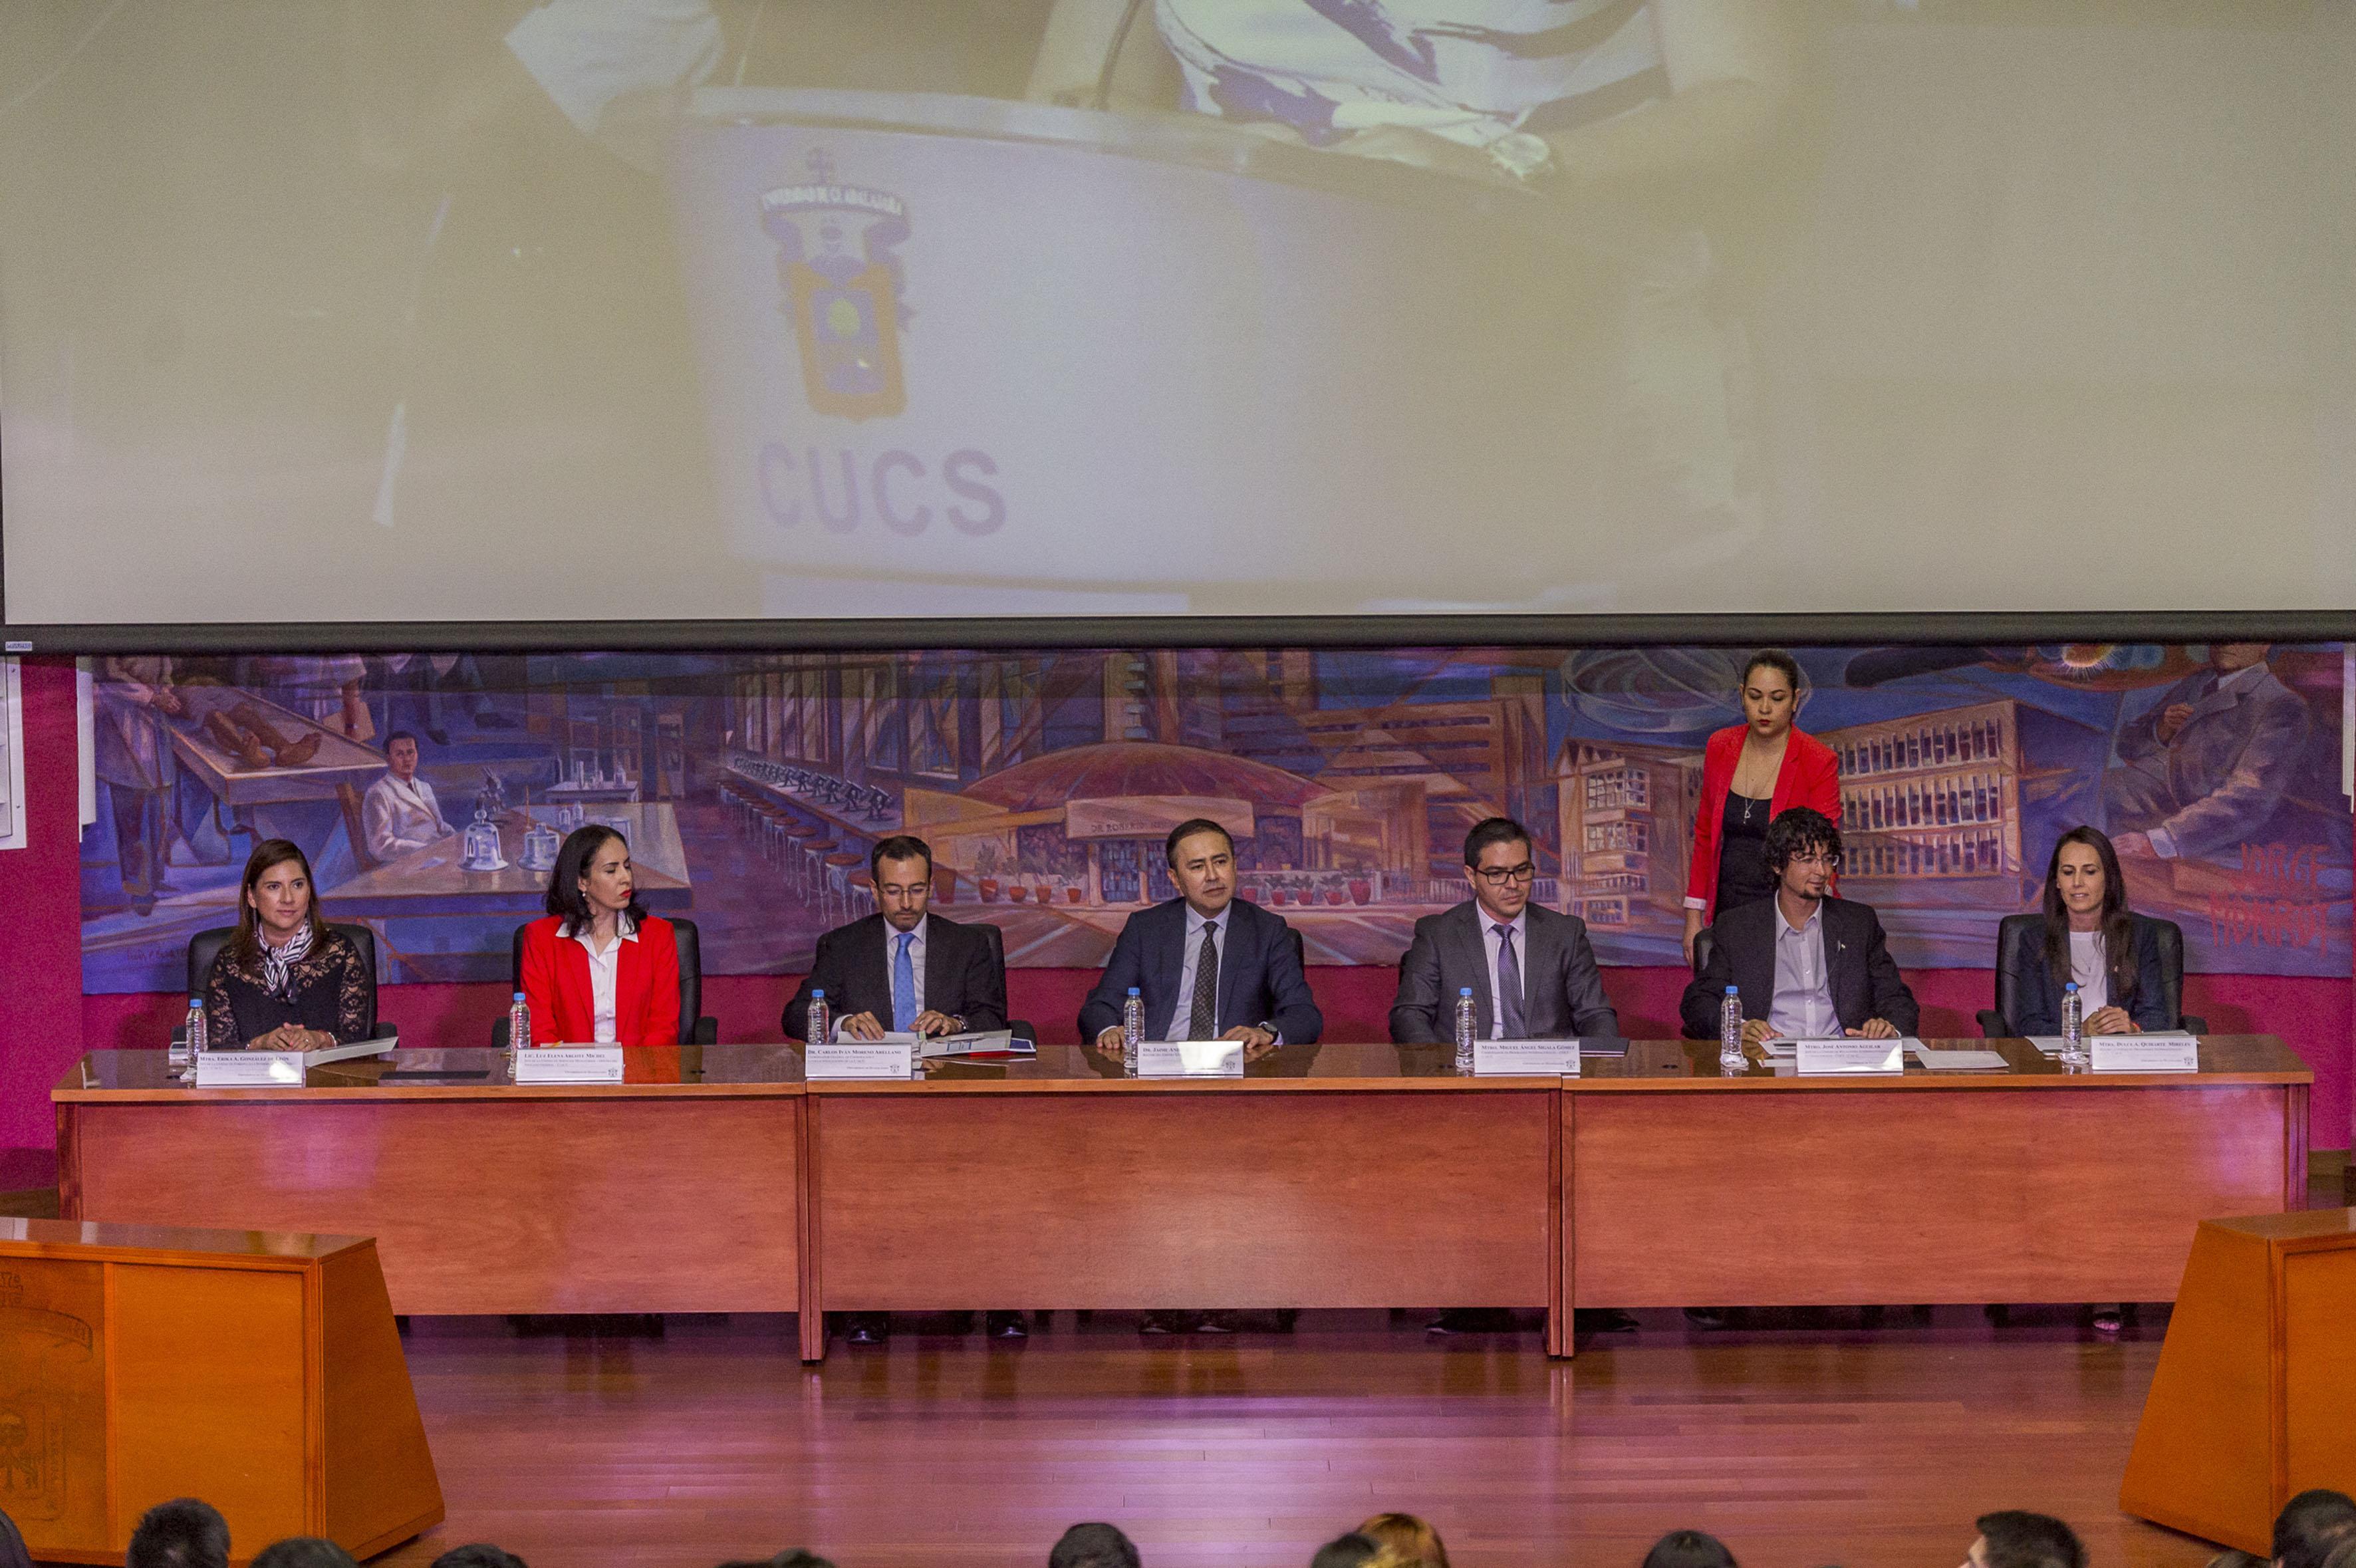 Coordinador General de Cooperación e internacionalización, Rector y académicos del CUCS y jefa de unidad de servicios migratorios de la UdeG; como miembros panelistas de la ceremonia de bienvenida.